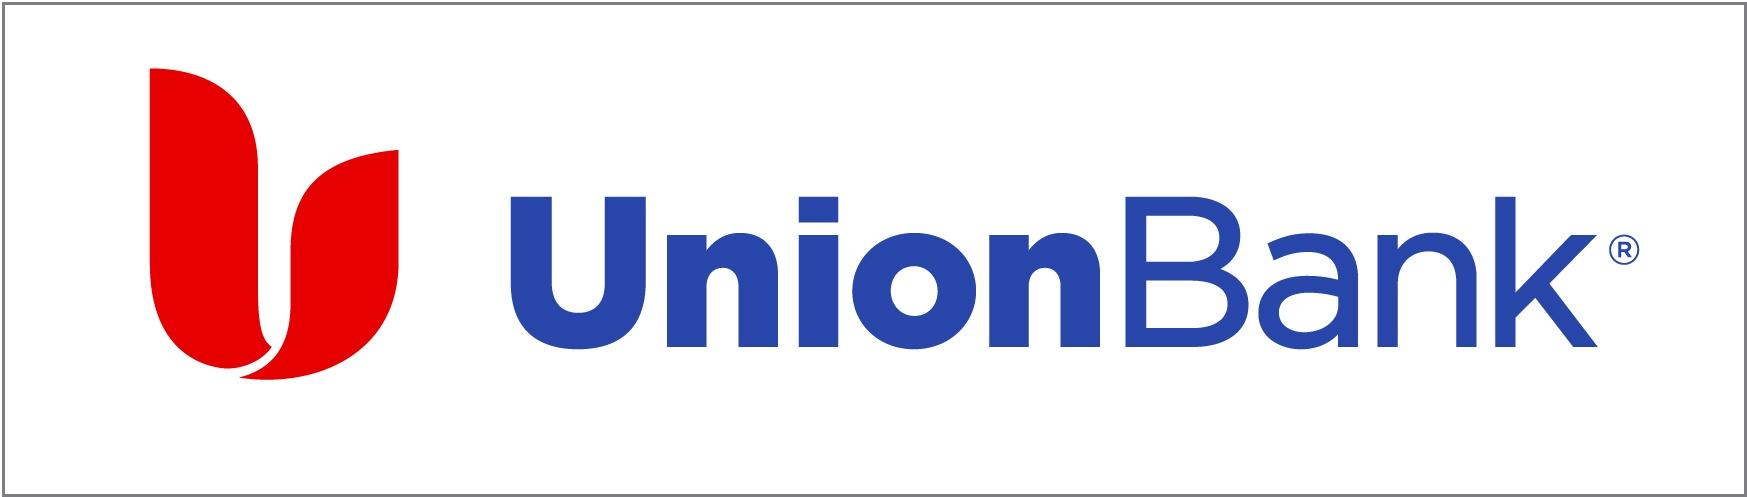 UB_logo_color_r_rgb.jpg